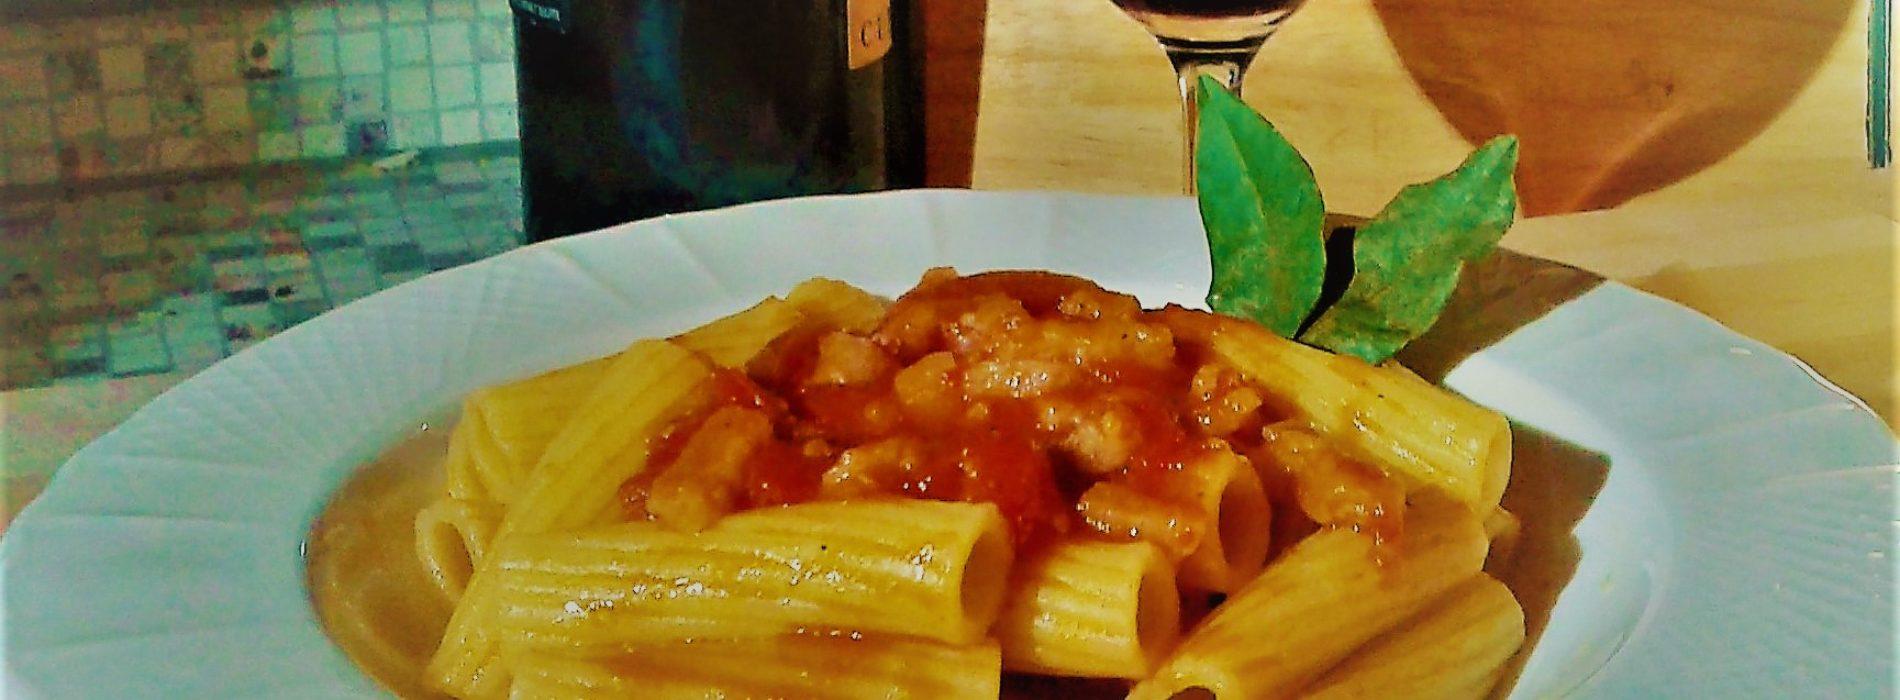 Pasta lardiata: un classico della cucina napoletana